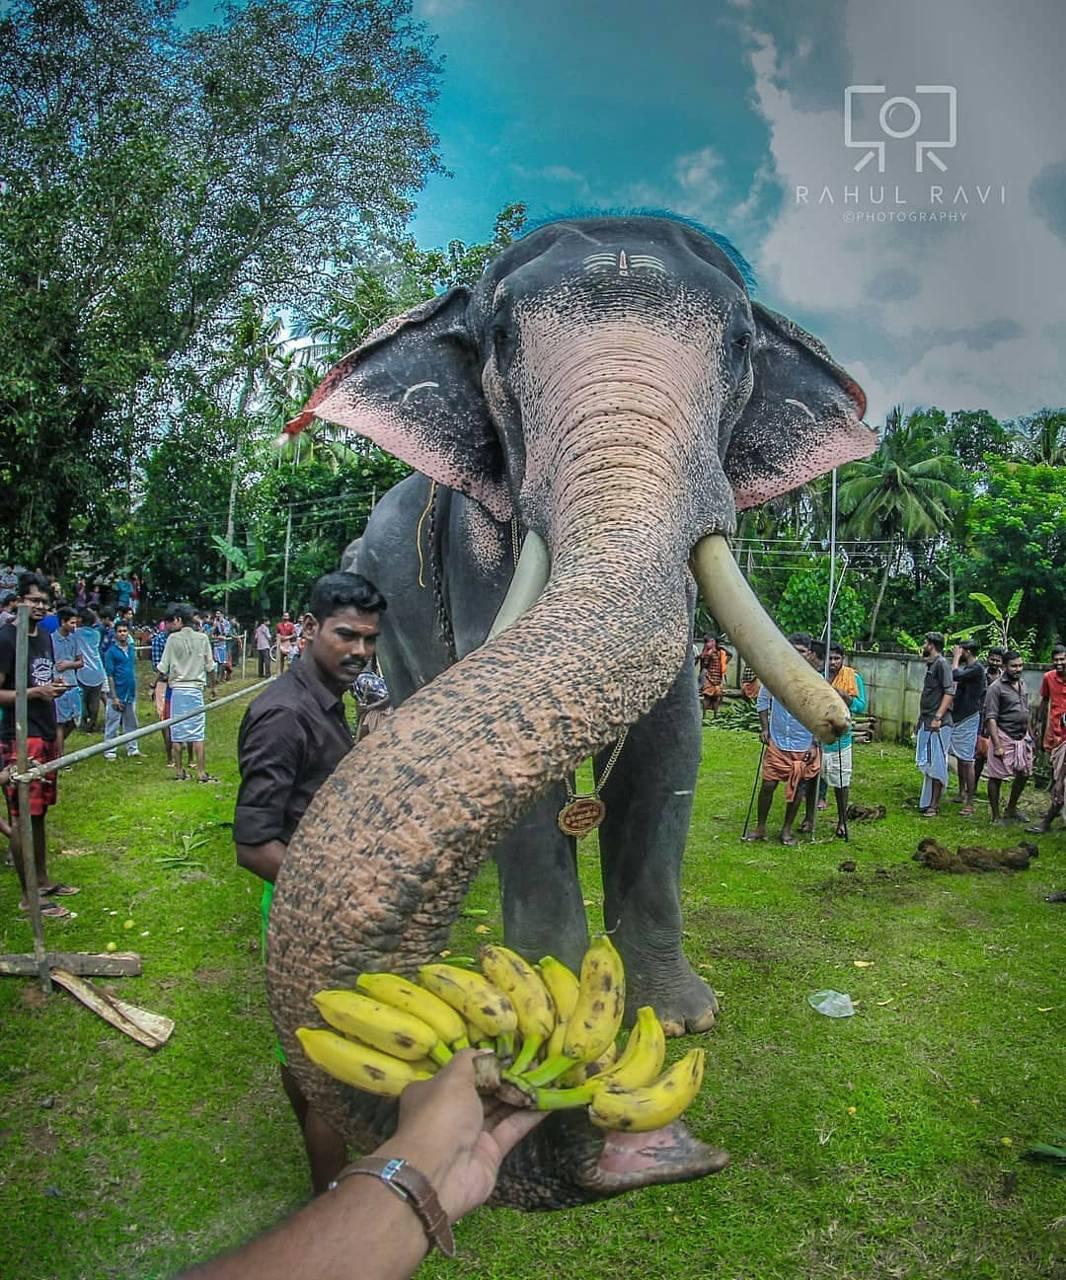 Kerala elephant wallpaper by Gurusad - 85 - Free on ZEDGE™